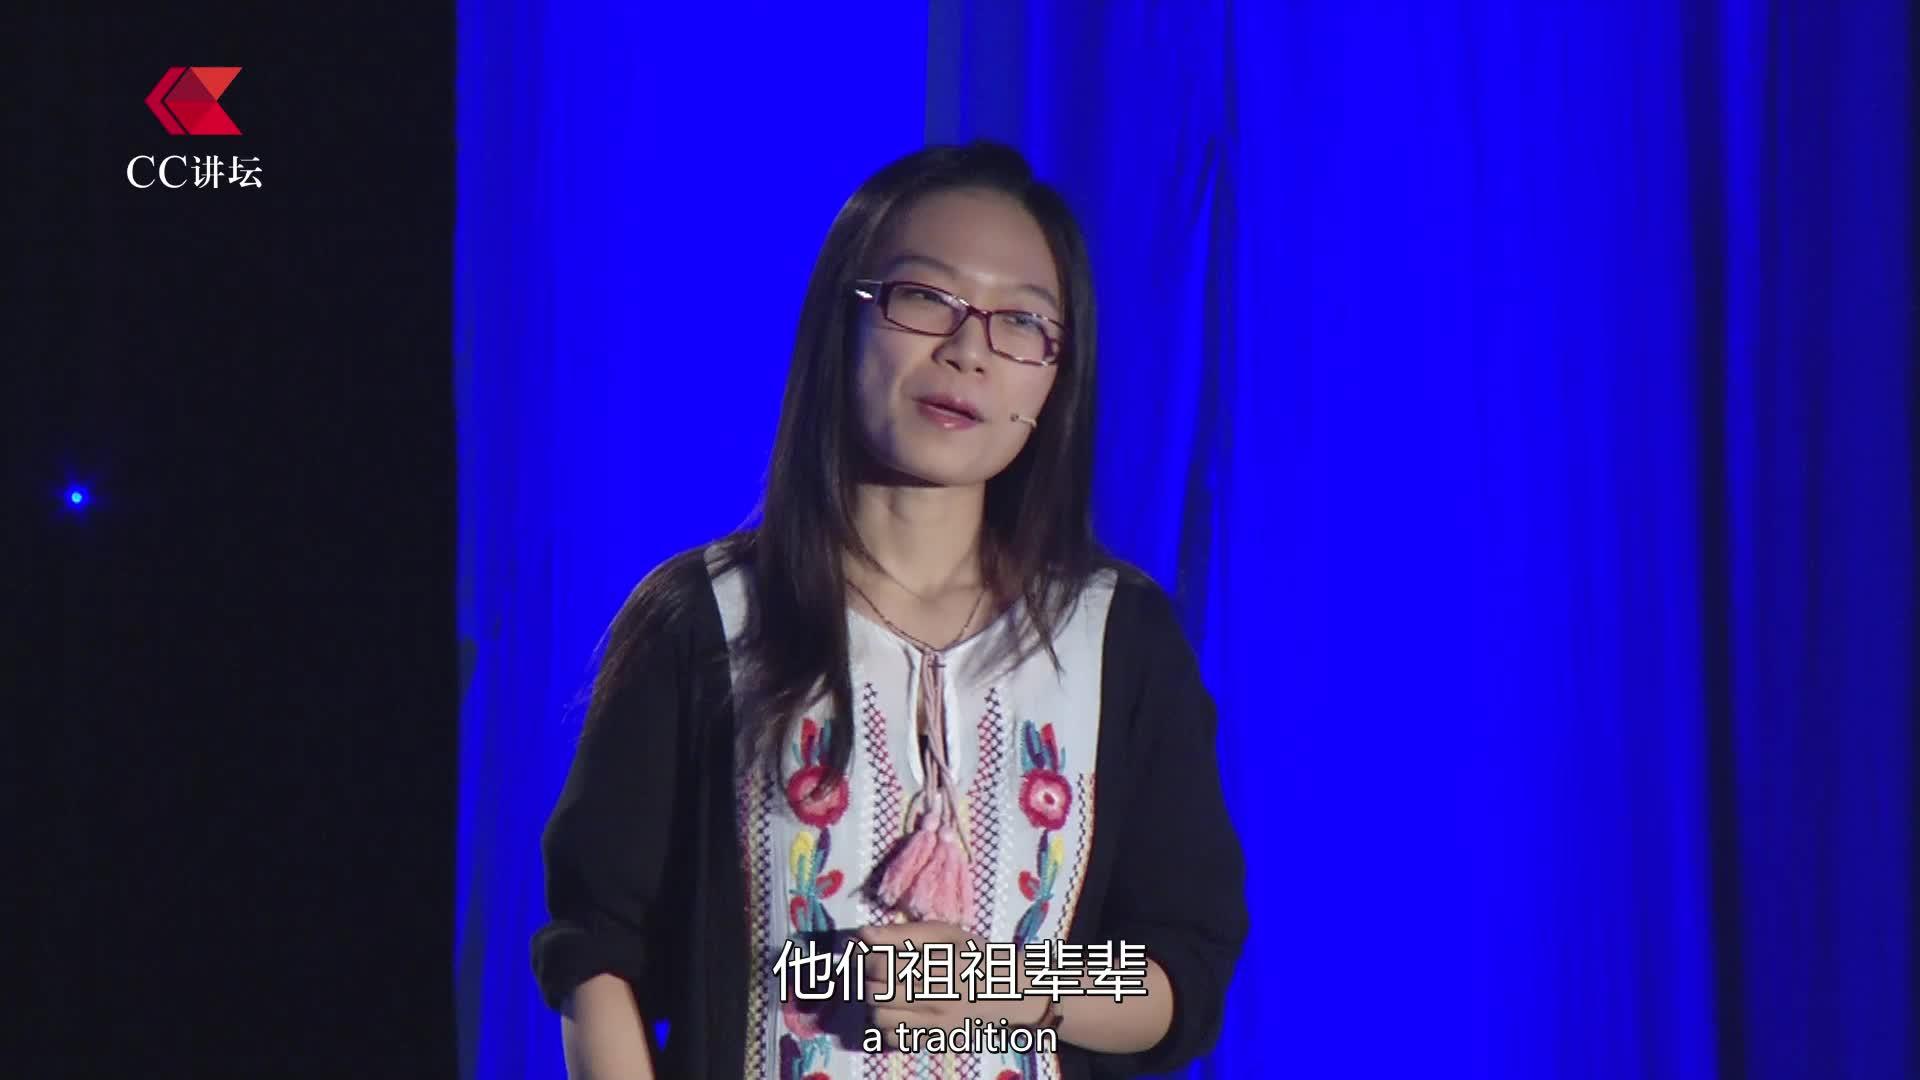 CC讲坛(公益)—王薇:搭建传统手工艺复活的桥梁